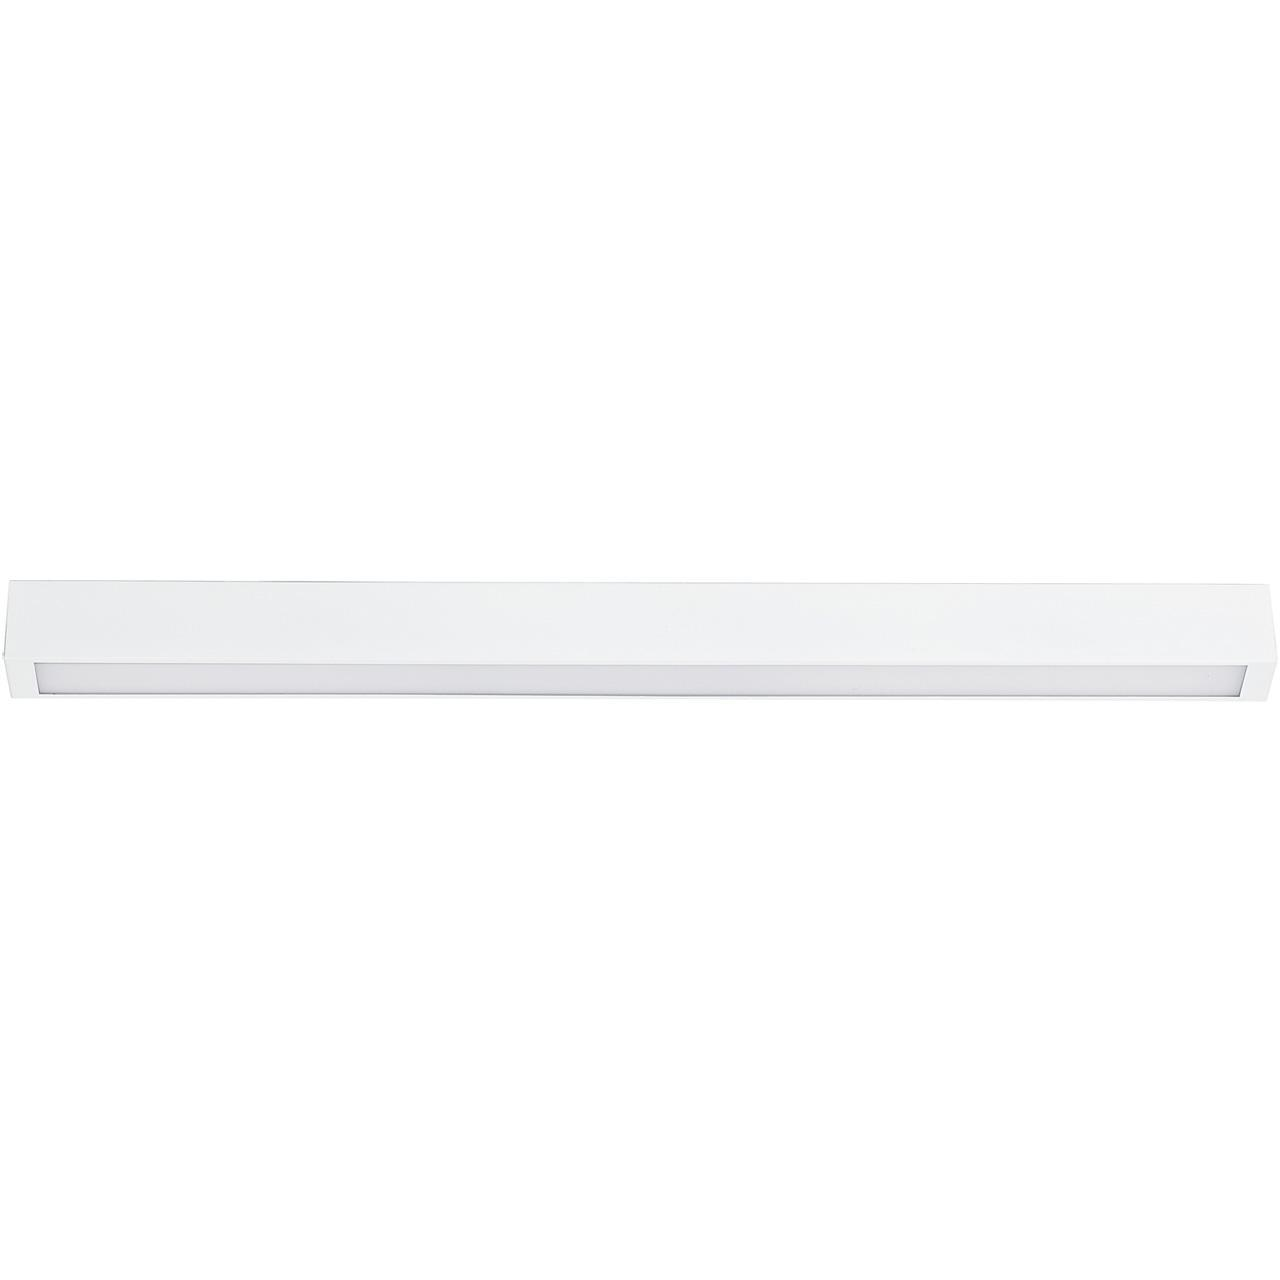 Потолочный светодиодный светильник Nowodvorski Straight 9621 7577 9621